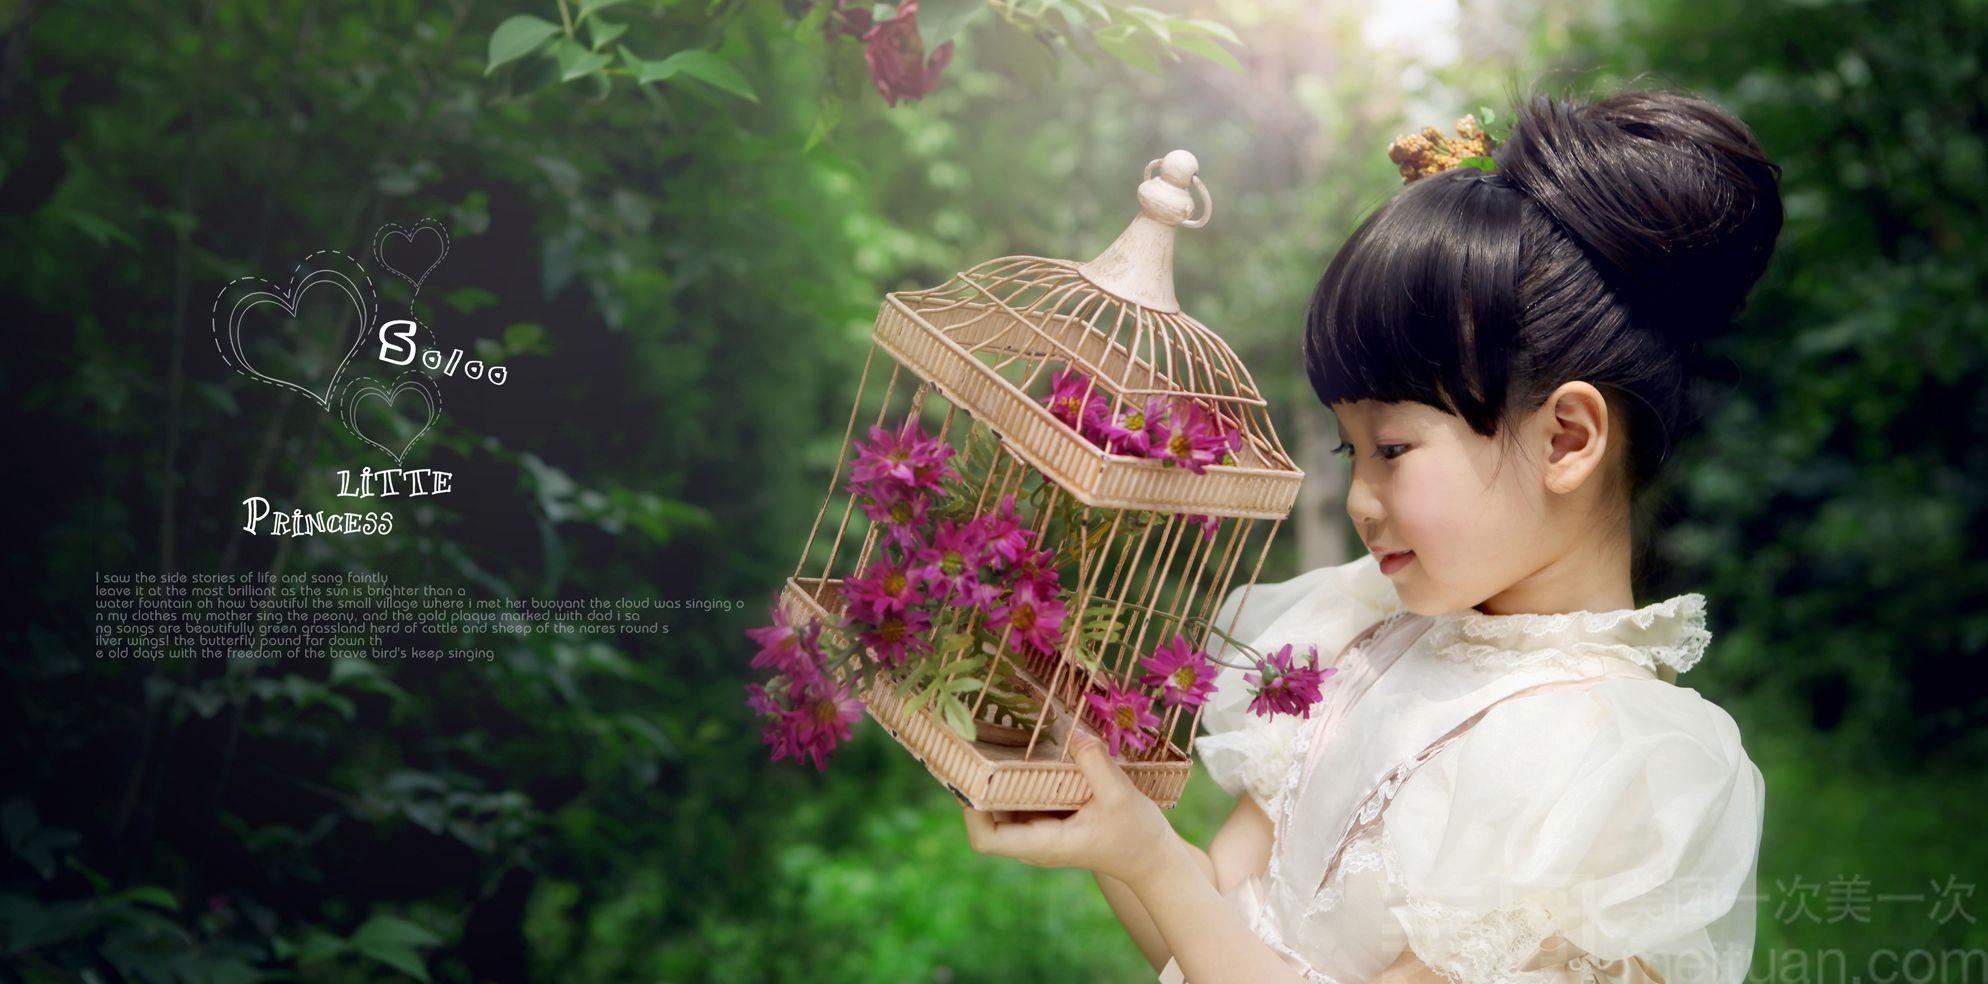 【宝贝世界韩式儿童摄影】纯外景拍摄